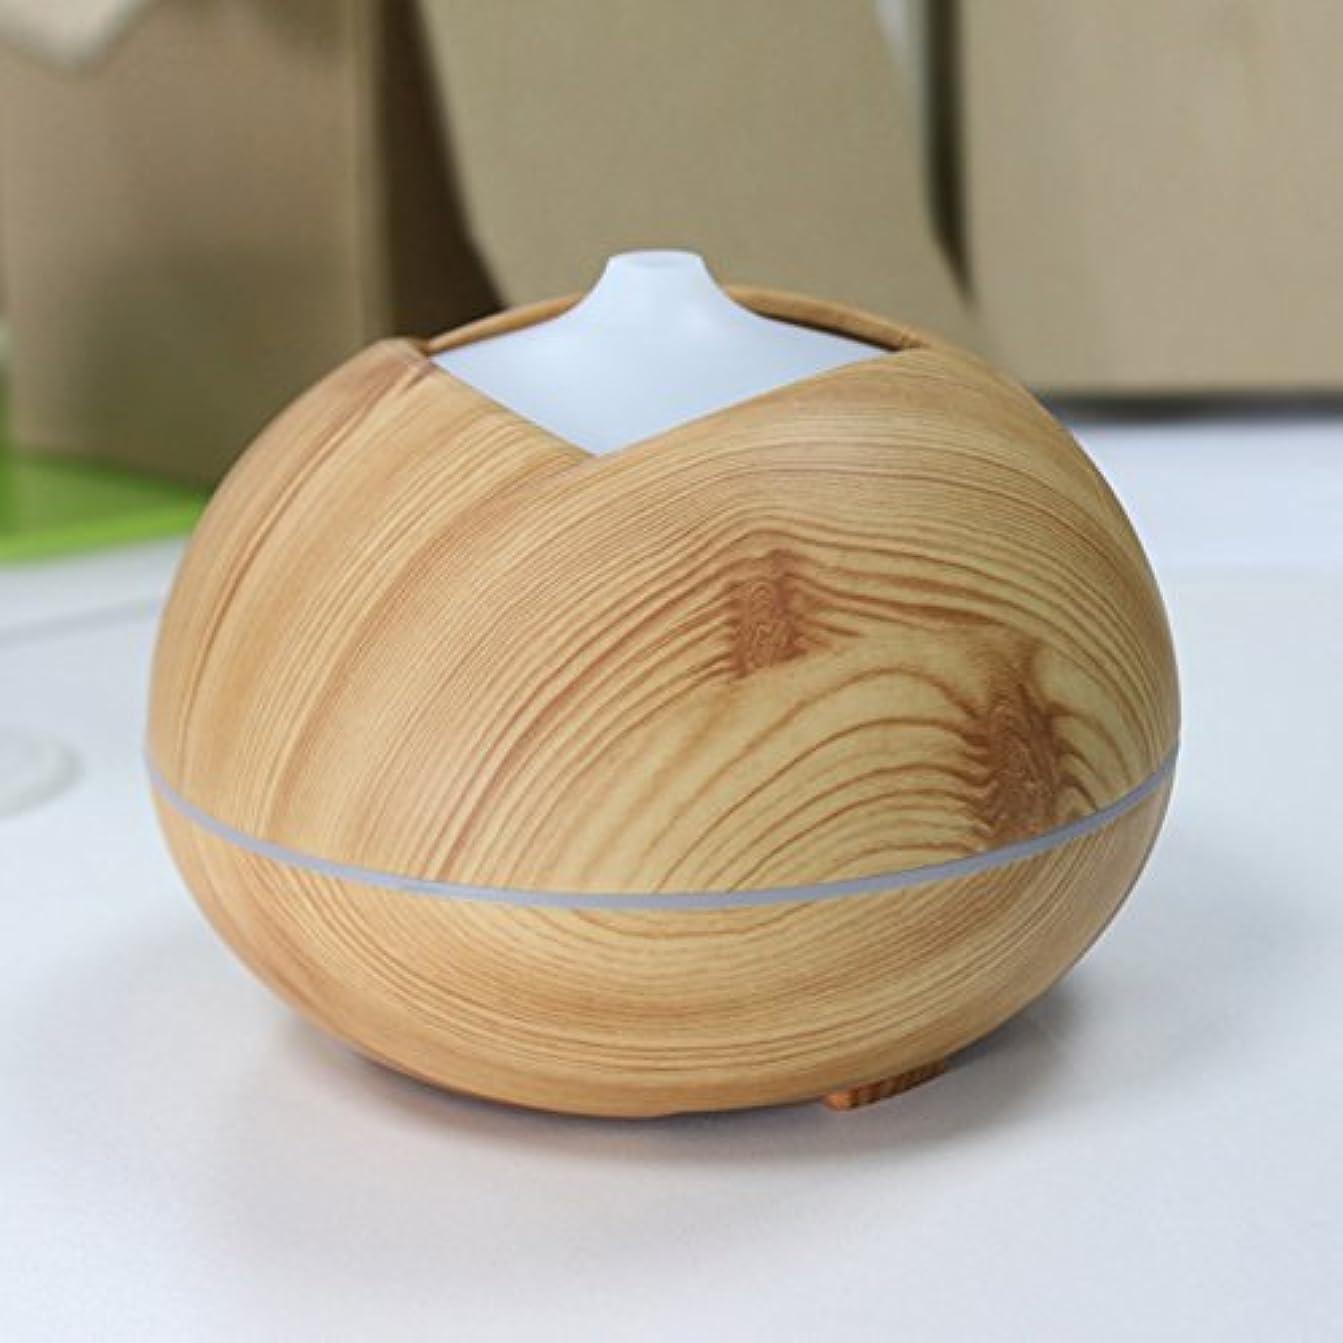 モデレータペースト掻くYiding加湿器木製カラーCool Mist超音波アロマEssential Oil Diffuser for Officeホームベッドルーム